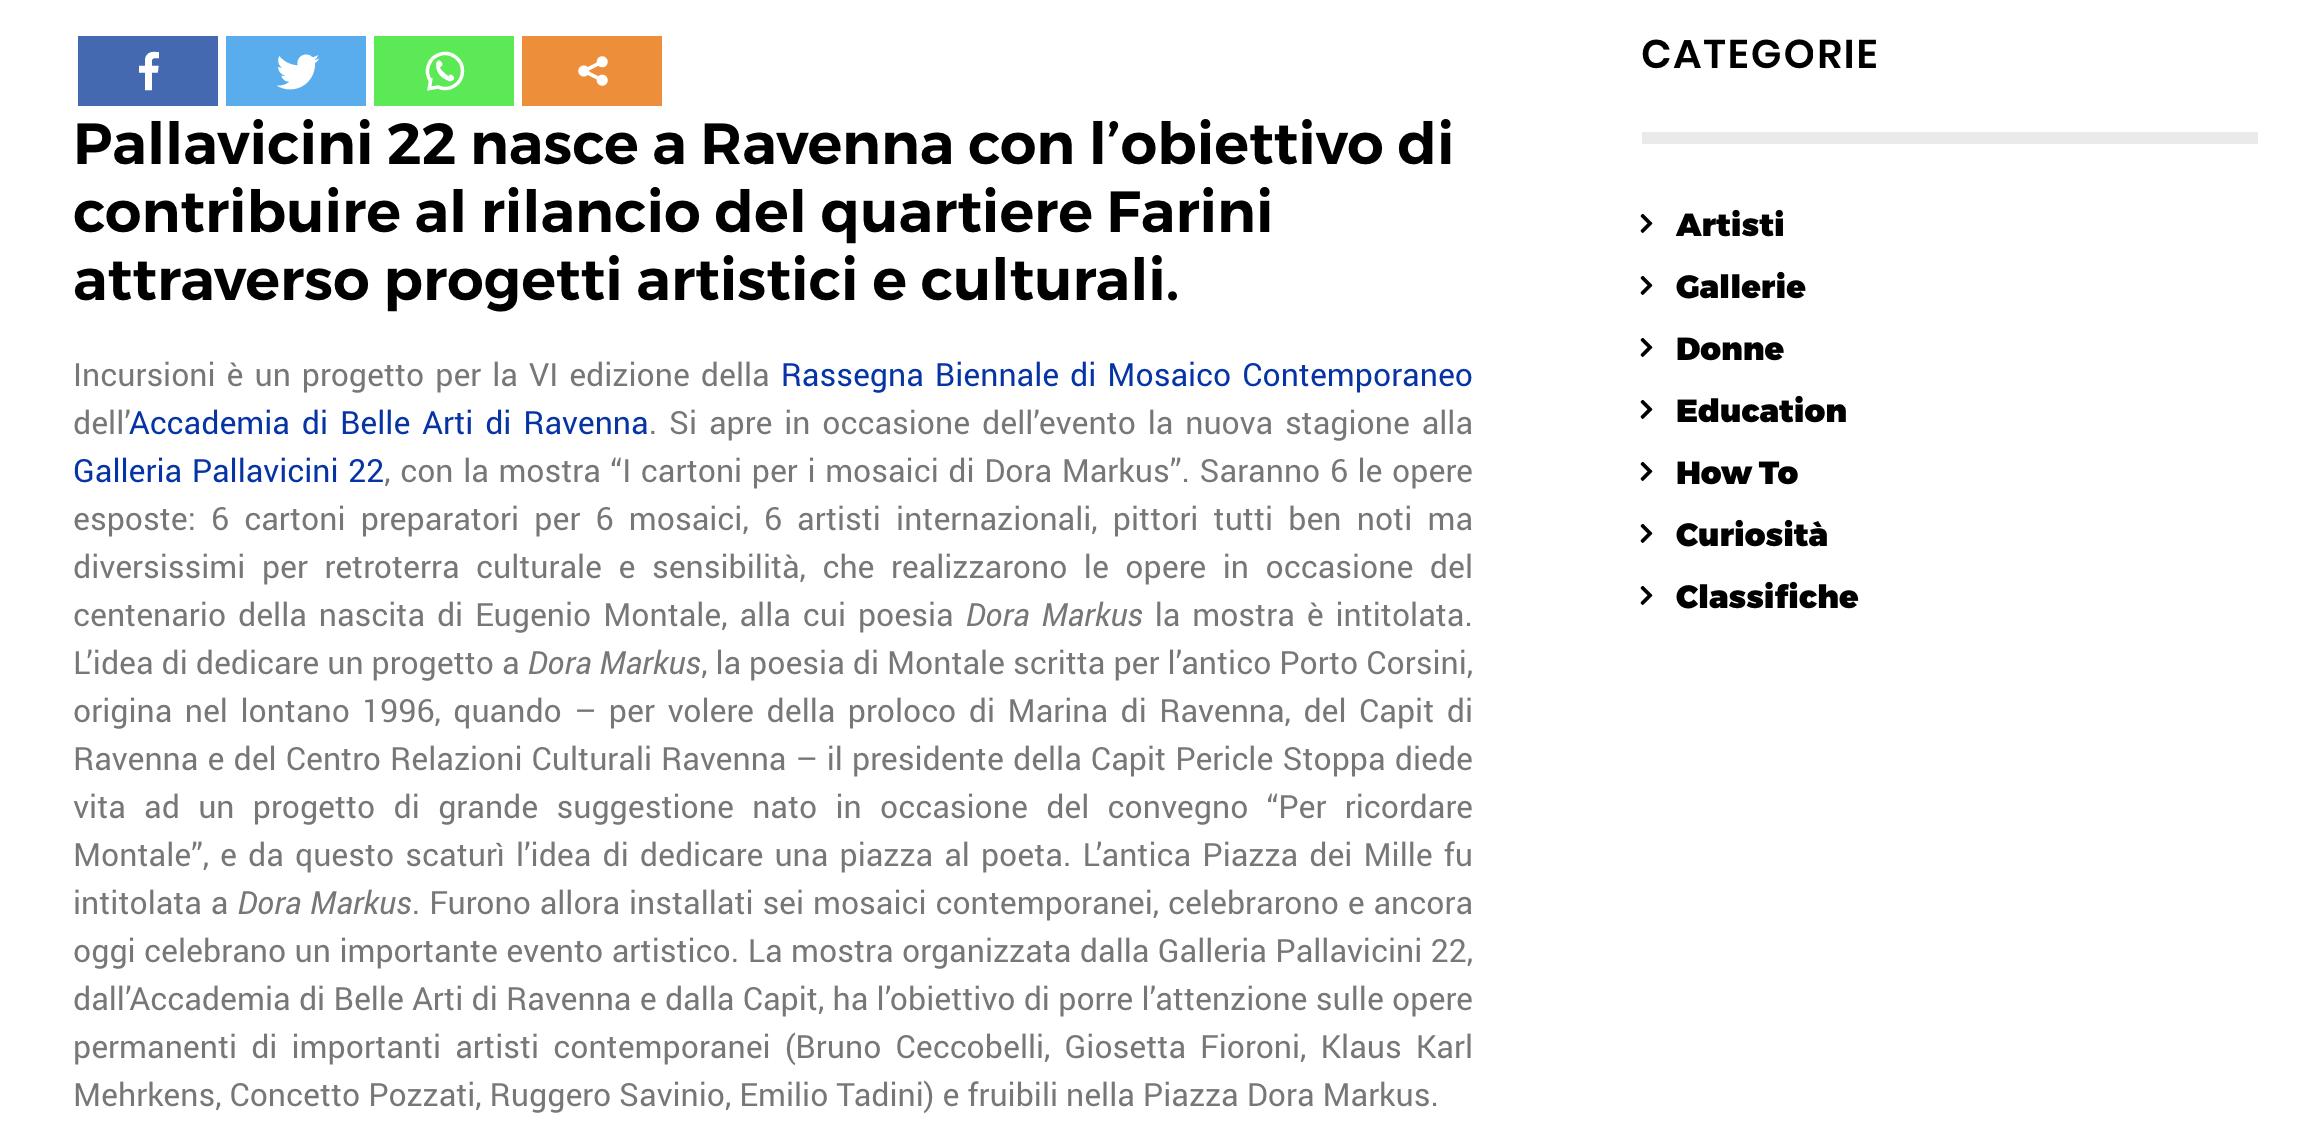 I cartoni per i mosaici di Dora Markus su Artuu | Pallavicini22 spazio espositivo Ravenna